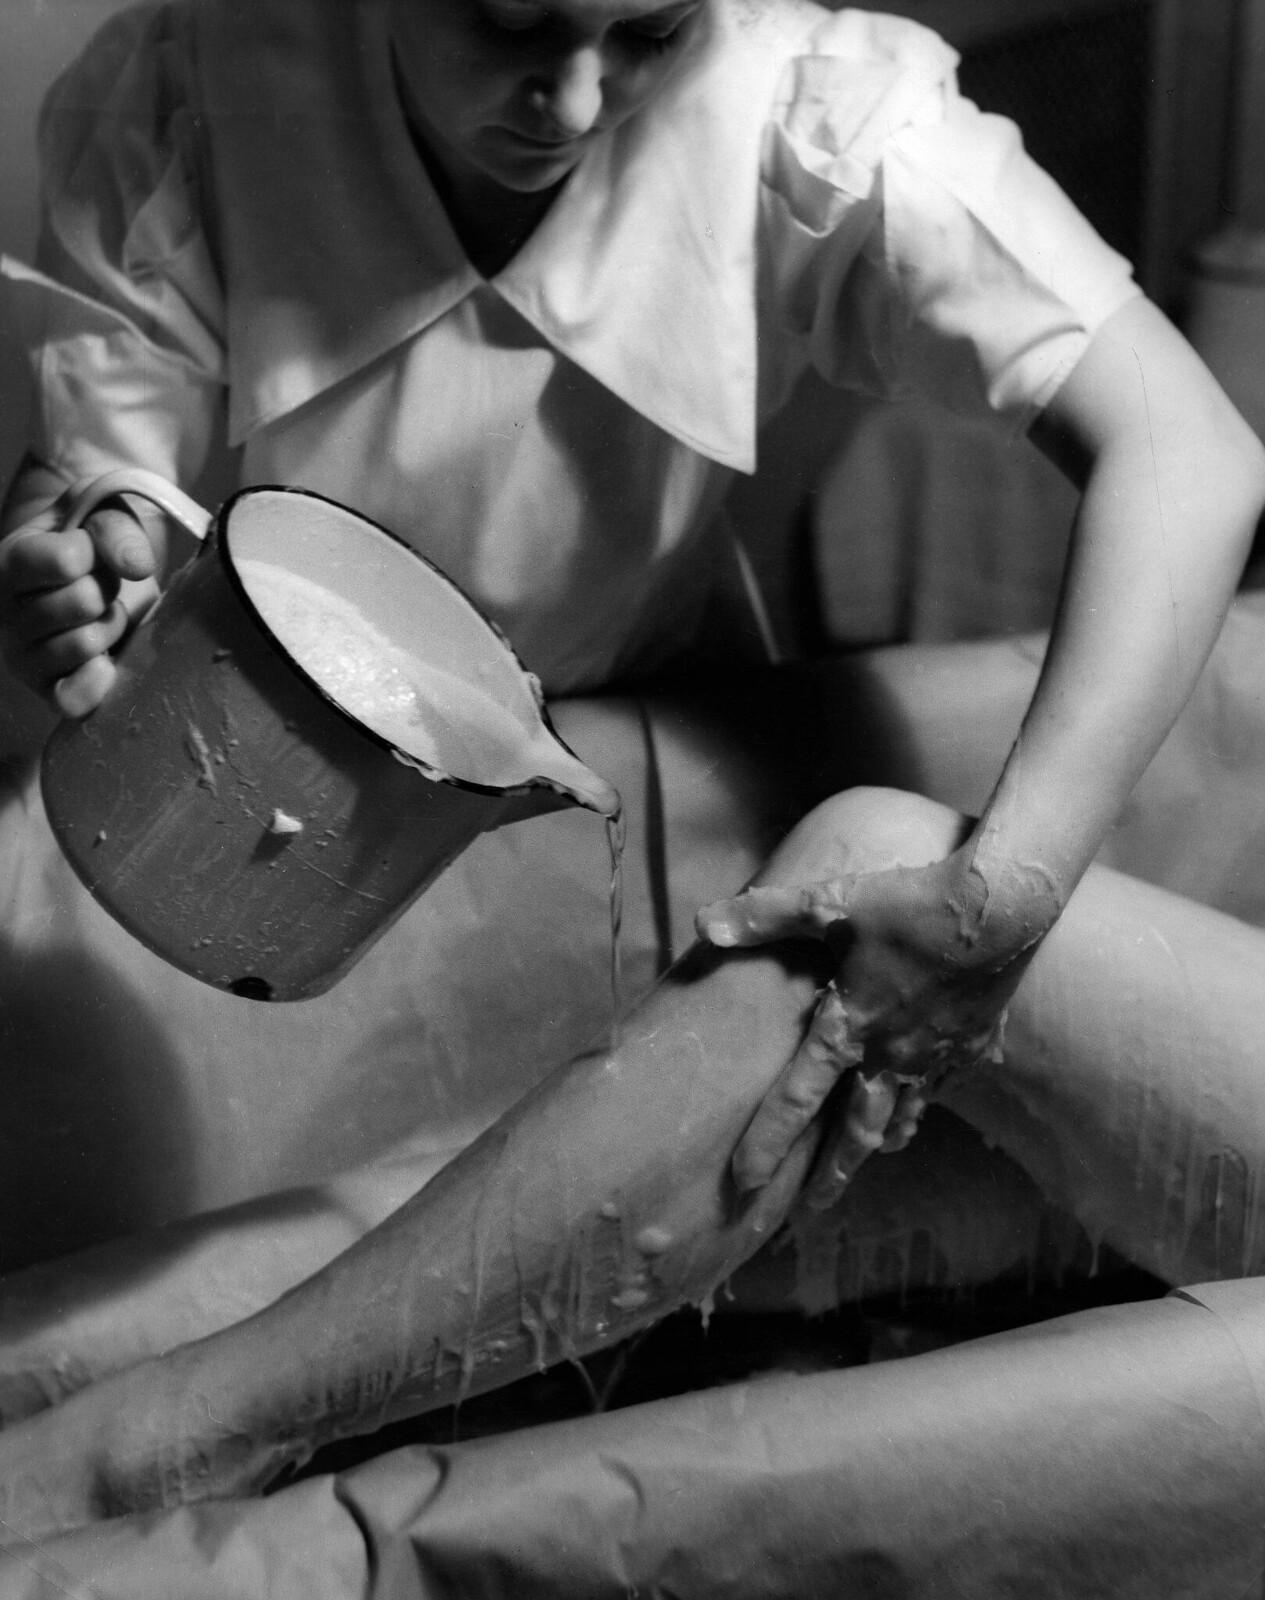 09. Депиляция волос воском. Ноги женщины должны быть обмазаны горячим воском